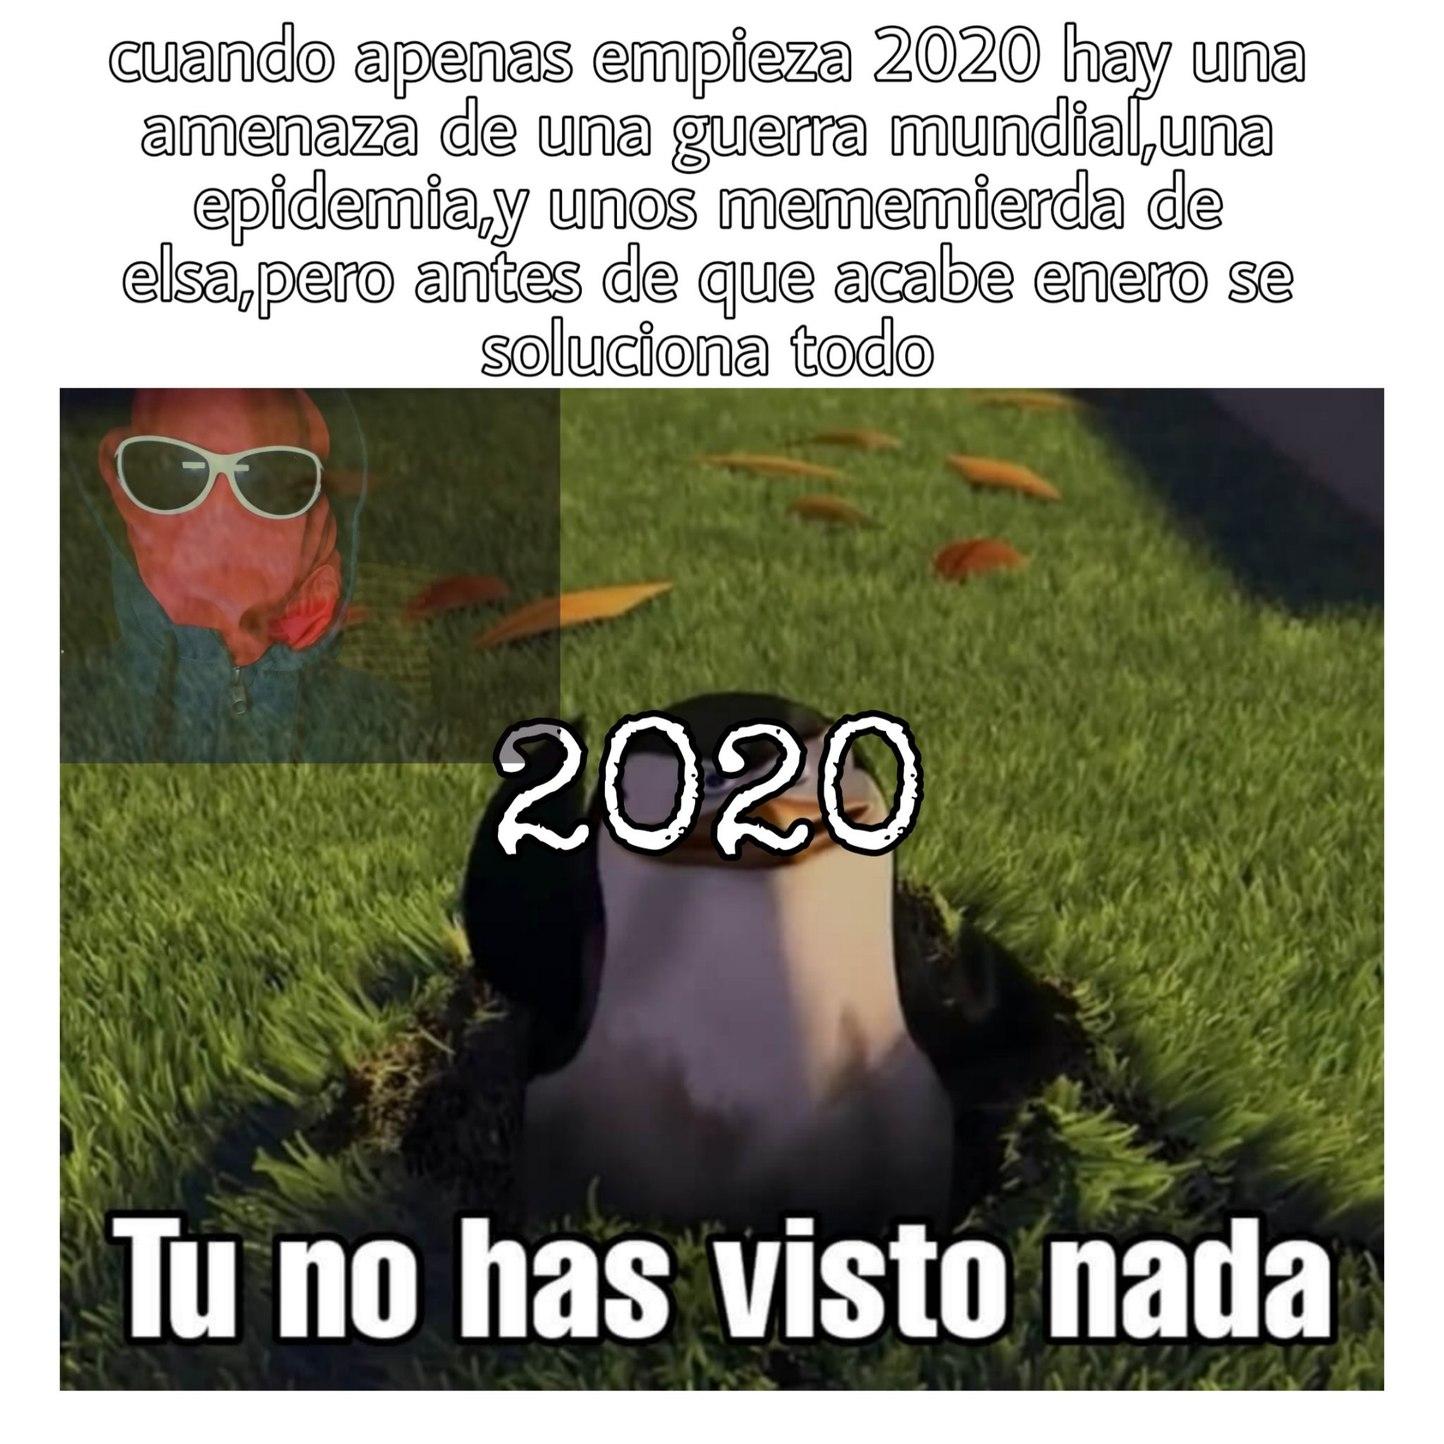 2020,te voy a dar otra oportunidad,espero que no la cagues - meme